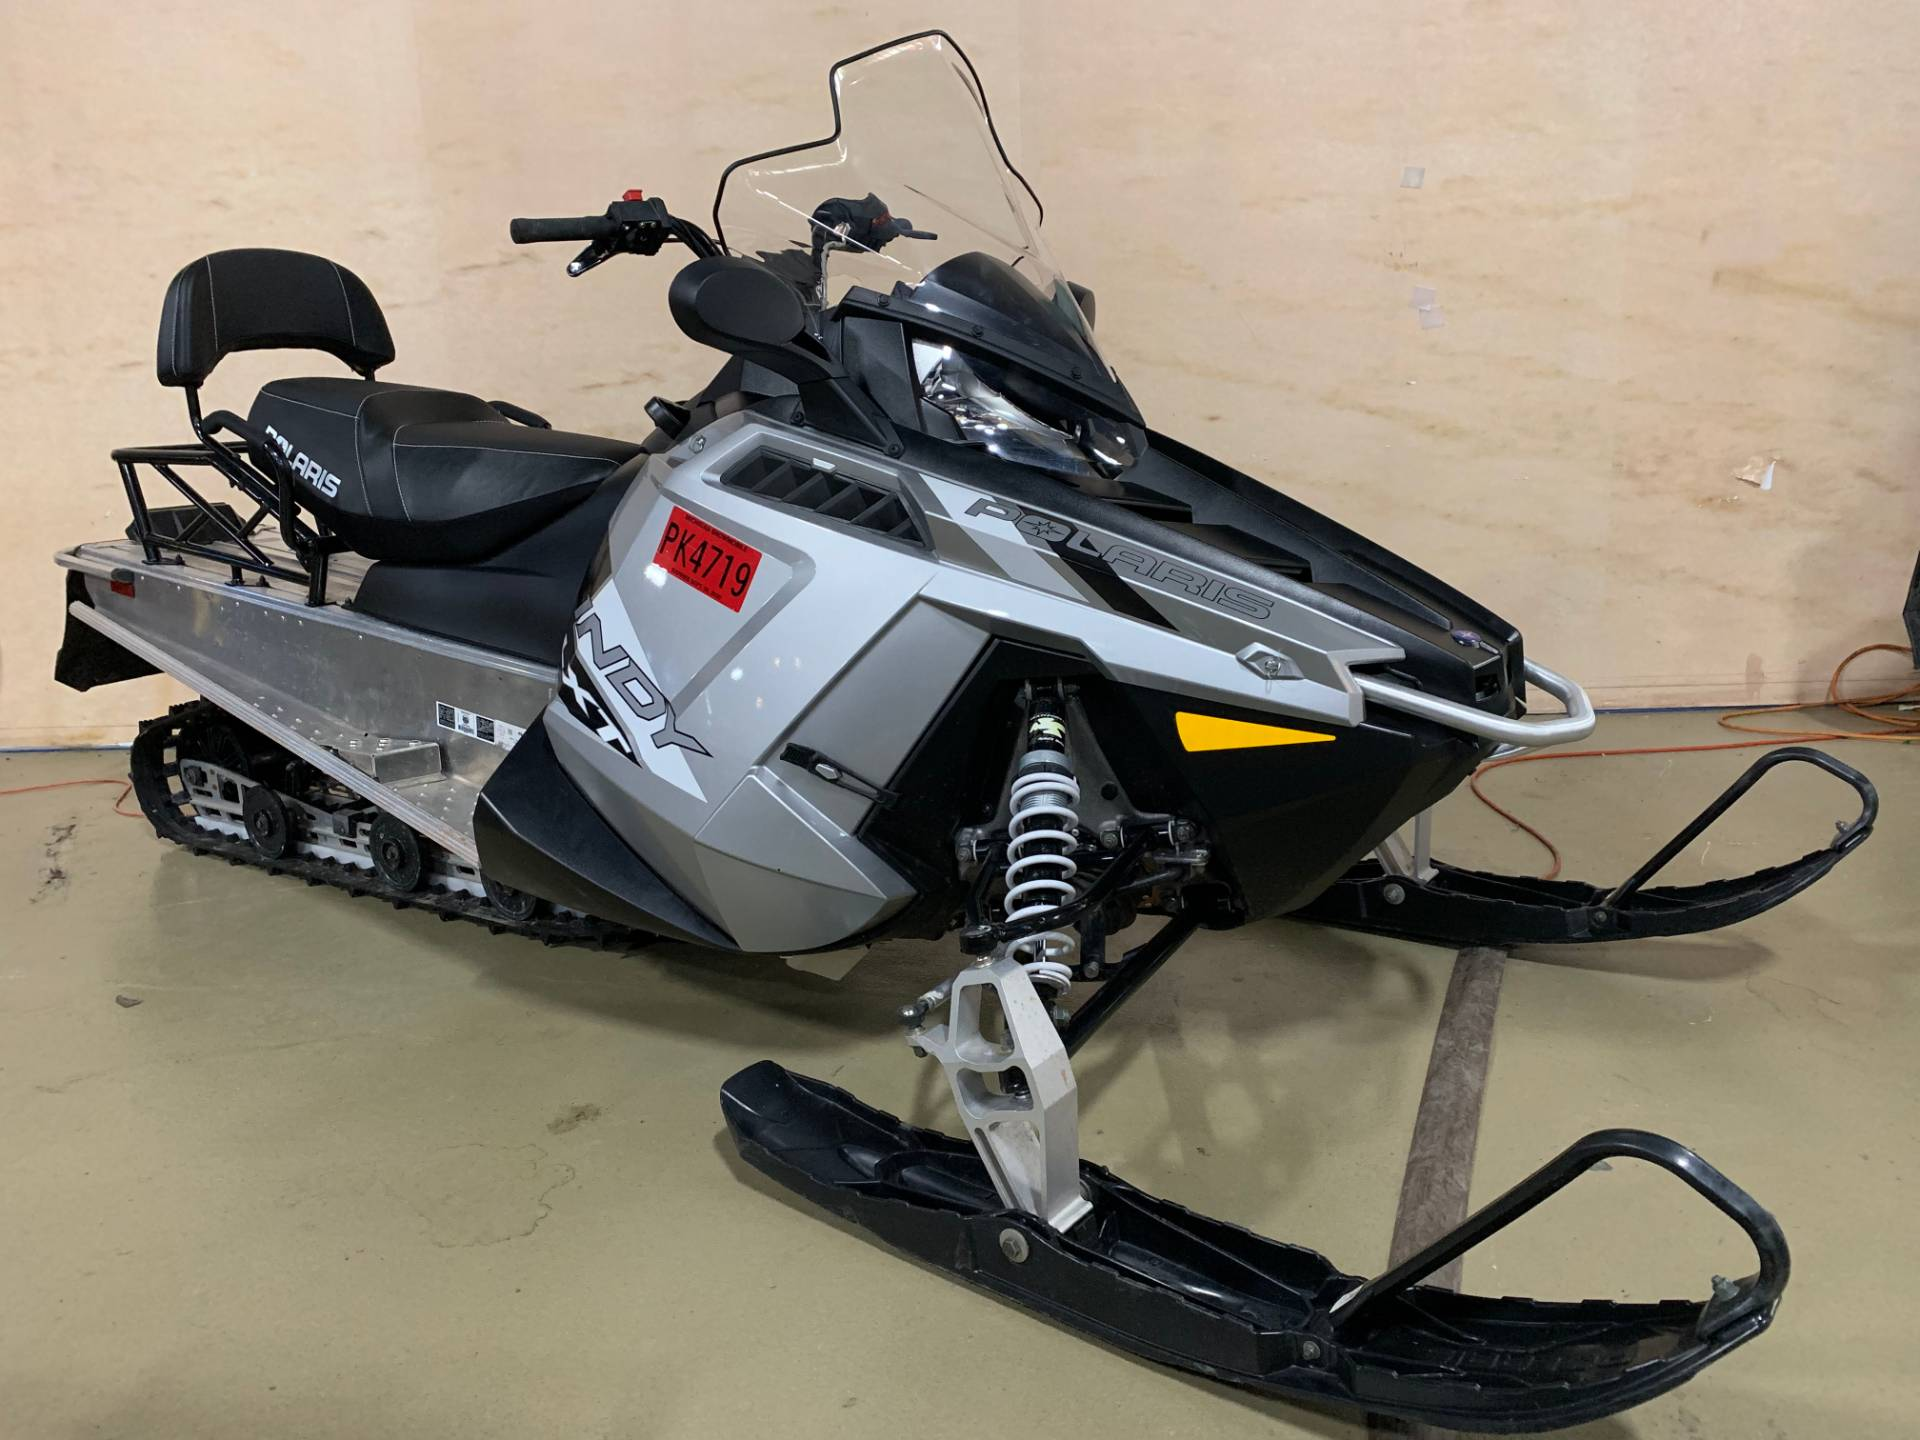 2018 Polaris 550 INDY LXT 144 for sale 1298